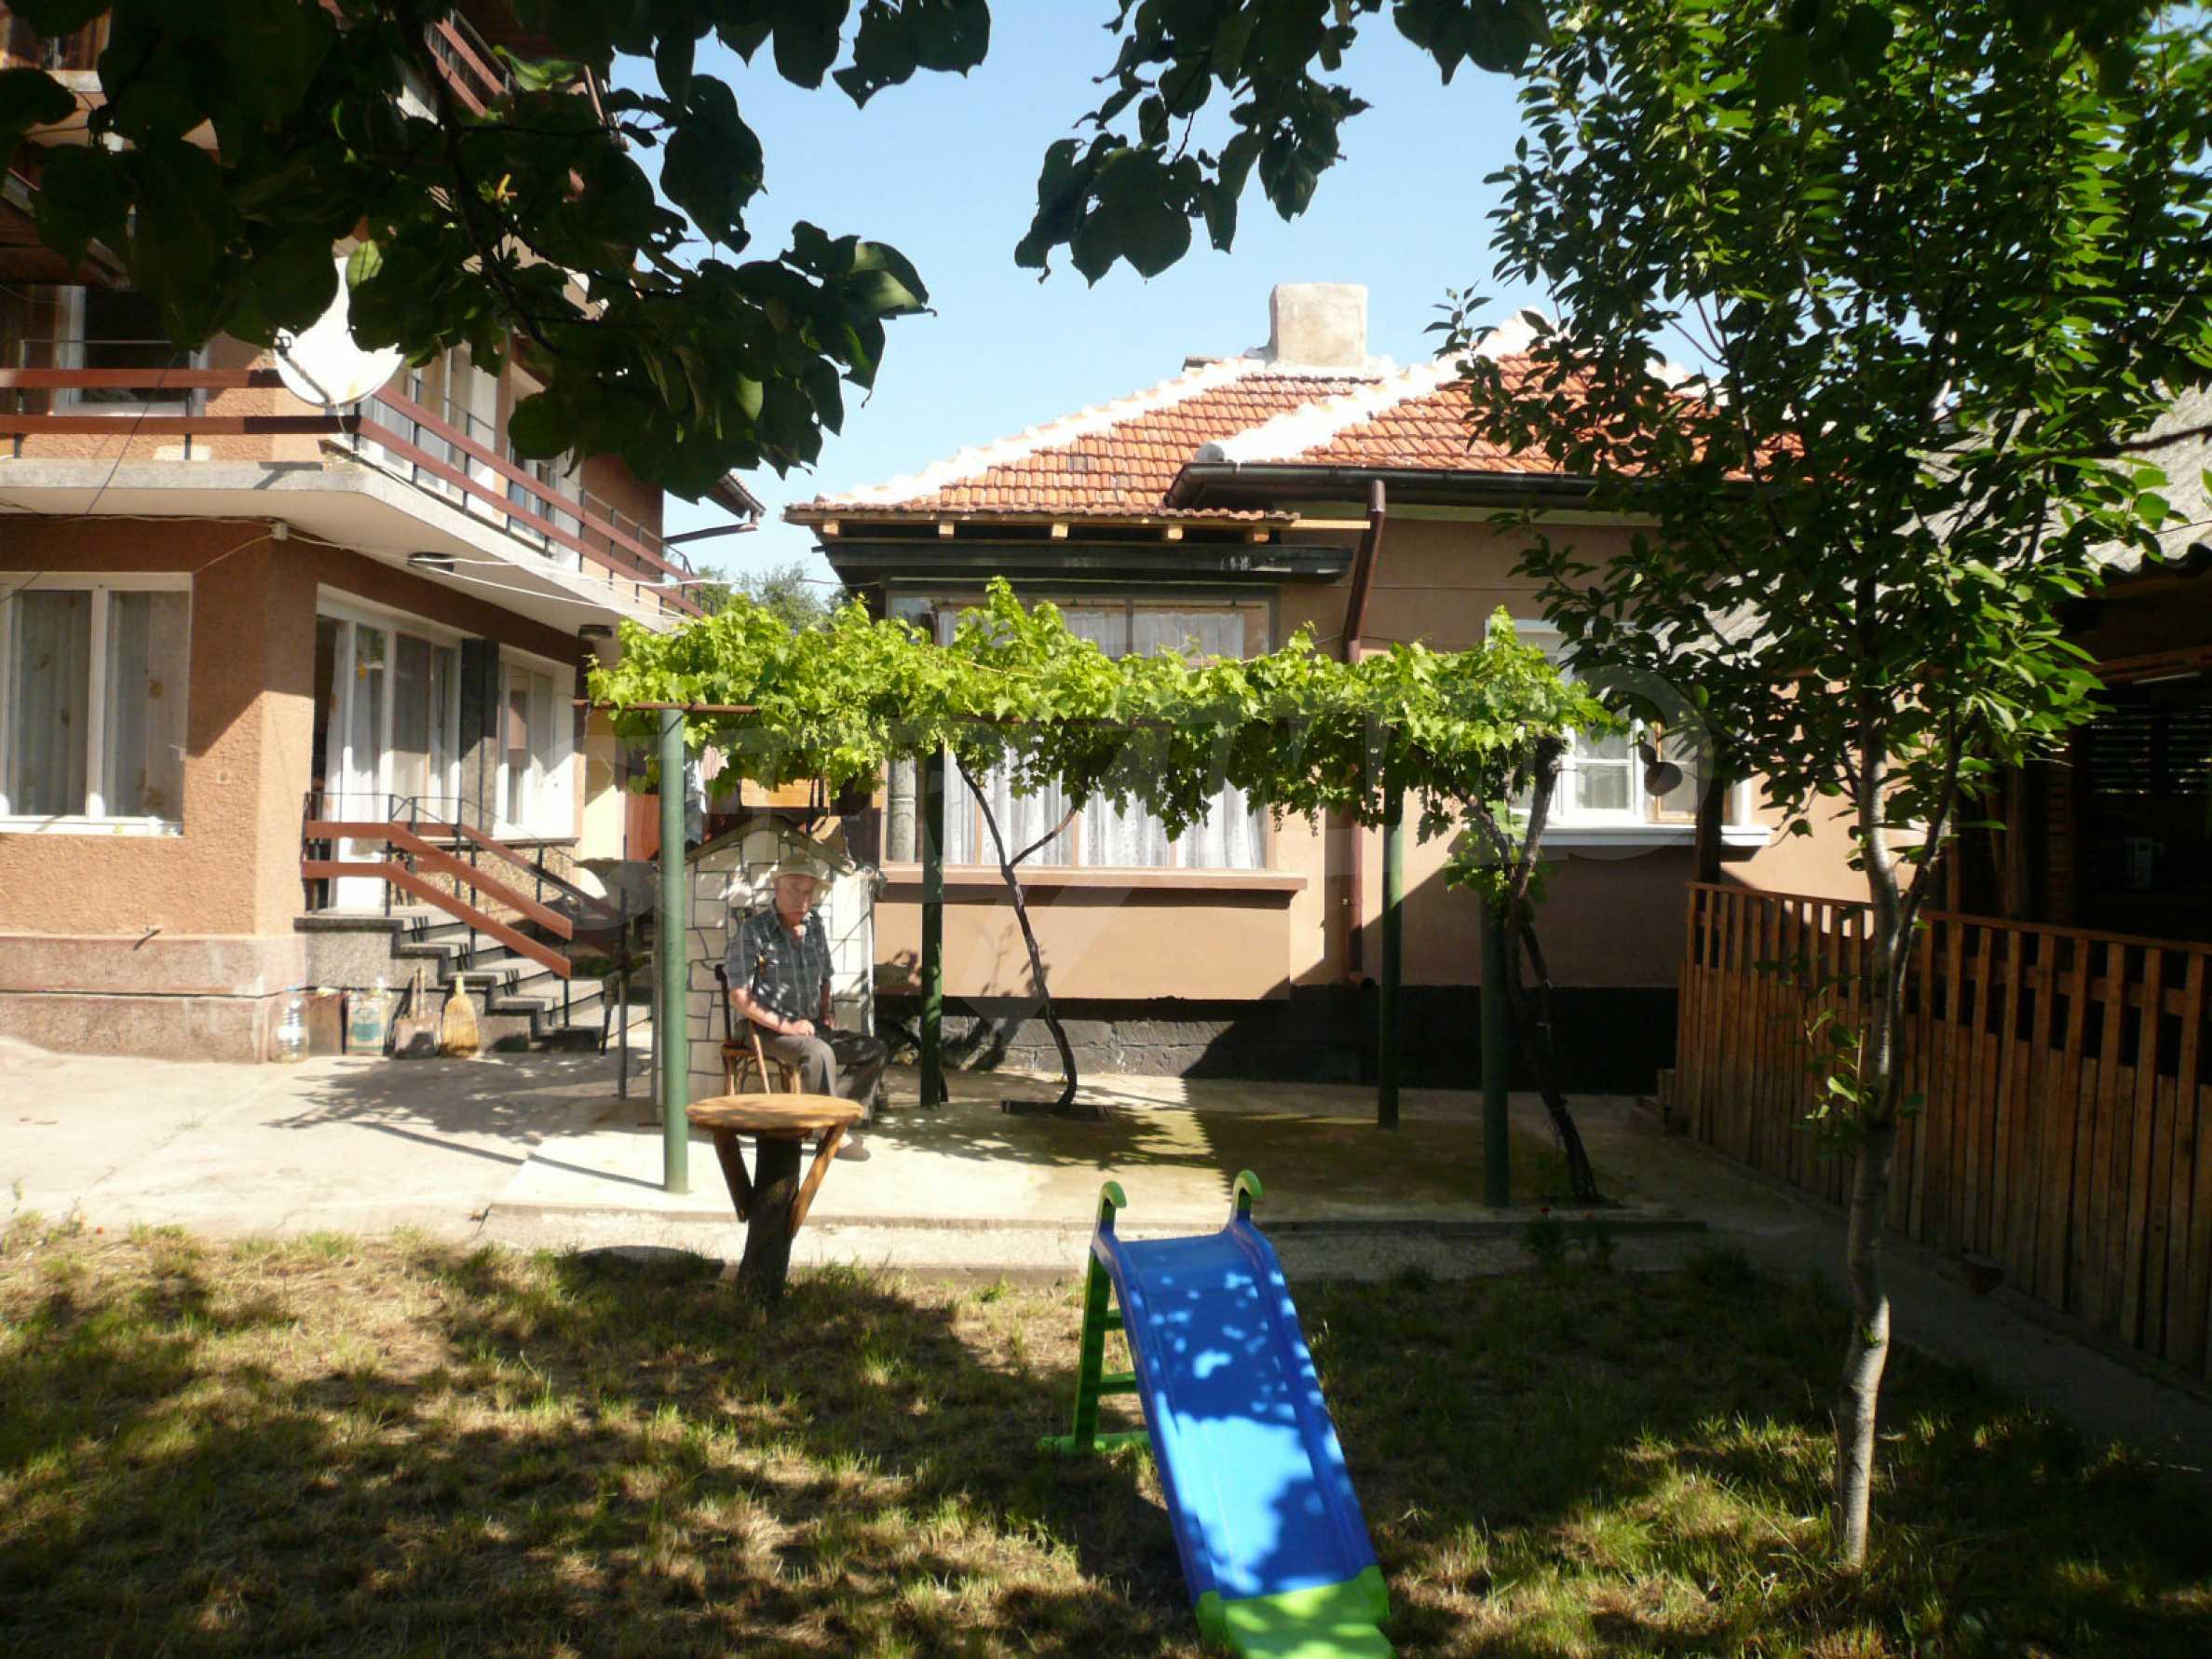 Ländliche Häuser mit einem Garten 12 km von Vidin entfernt 2